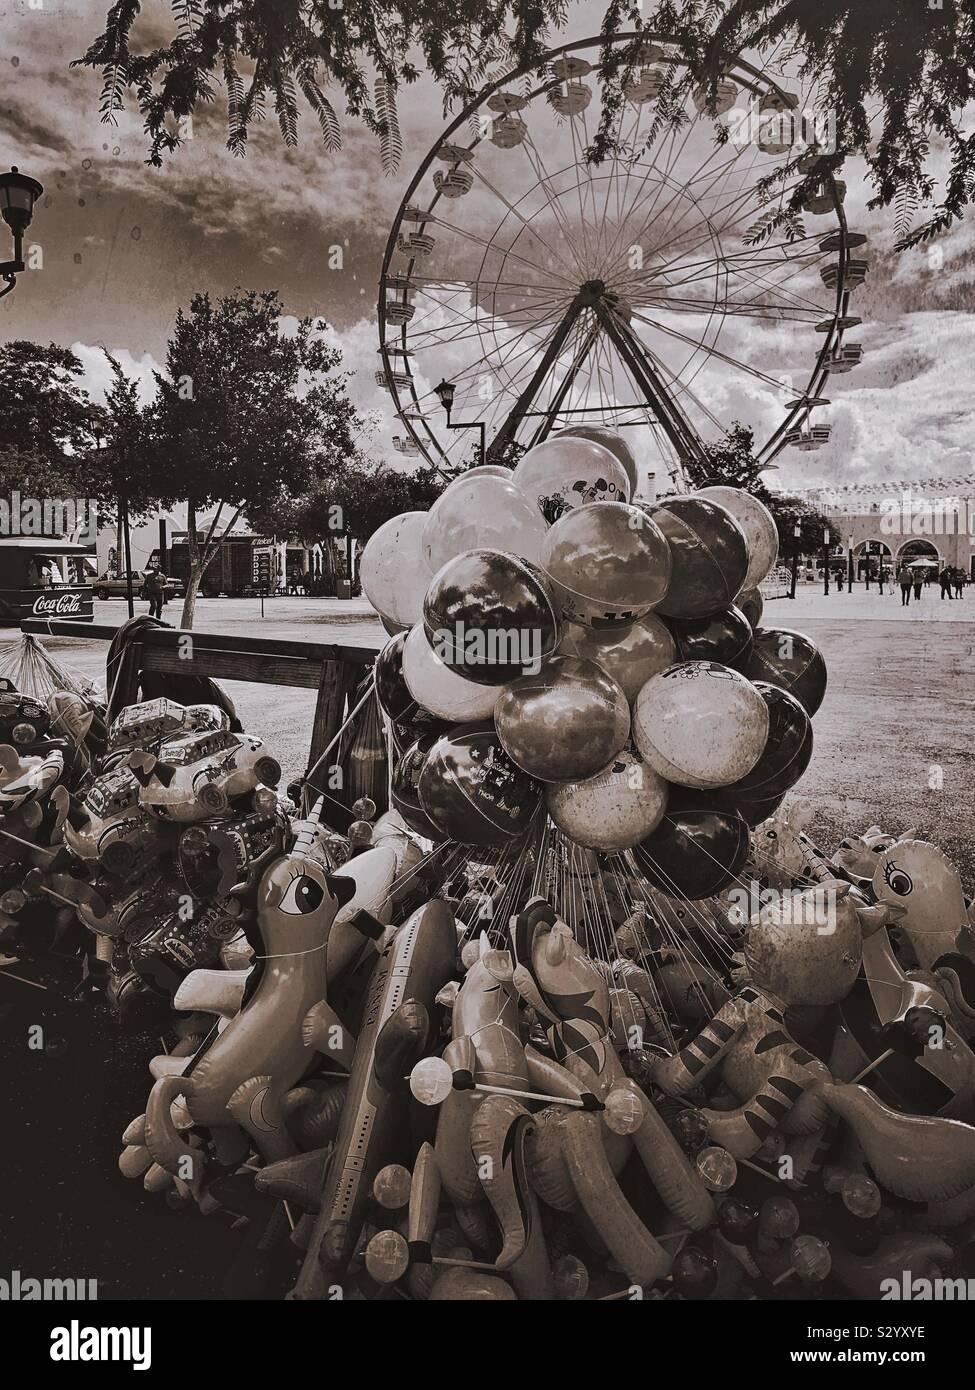 Un cluster di palloncini e una ruota panoramica Ferris fanno parte della famiglia cordiale ed entusiasmante ambiente di Feria Yucatan Xmatkuil. Foto Stock